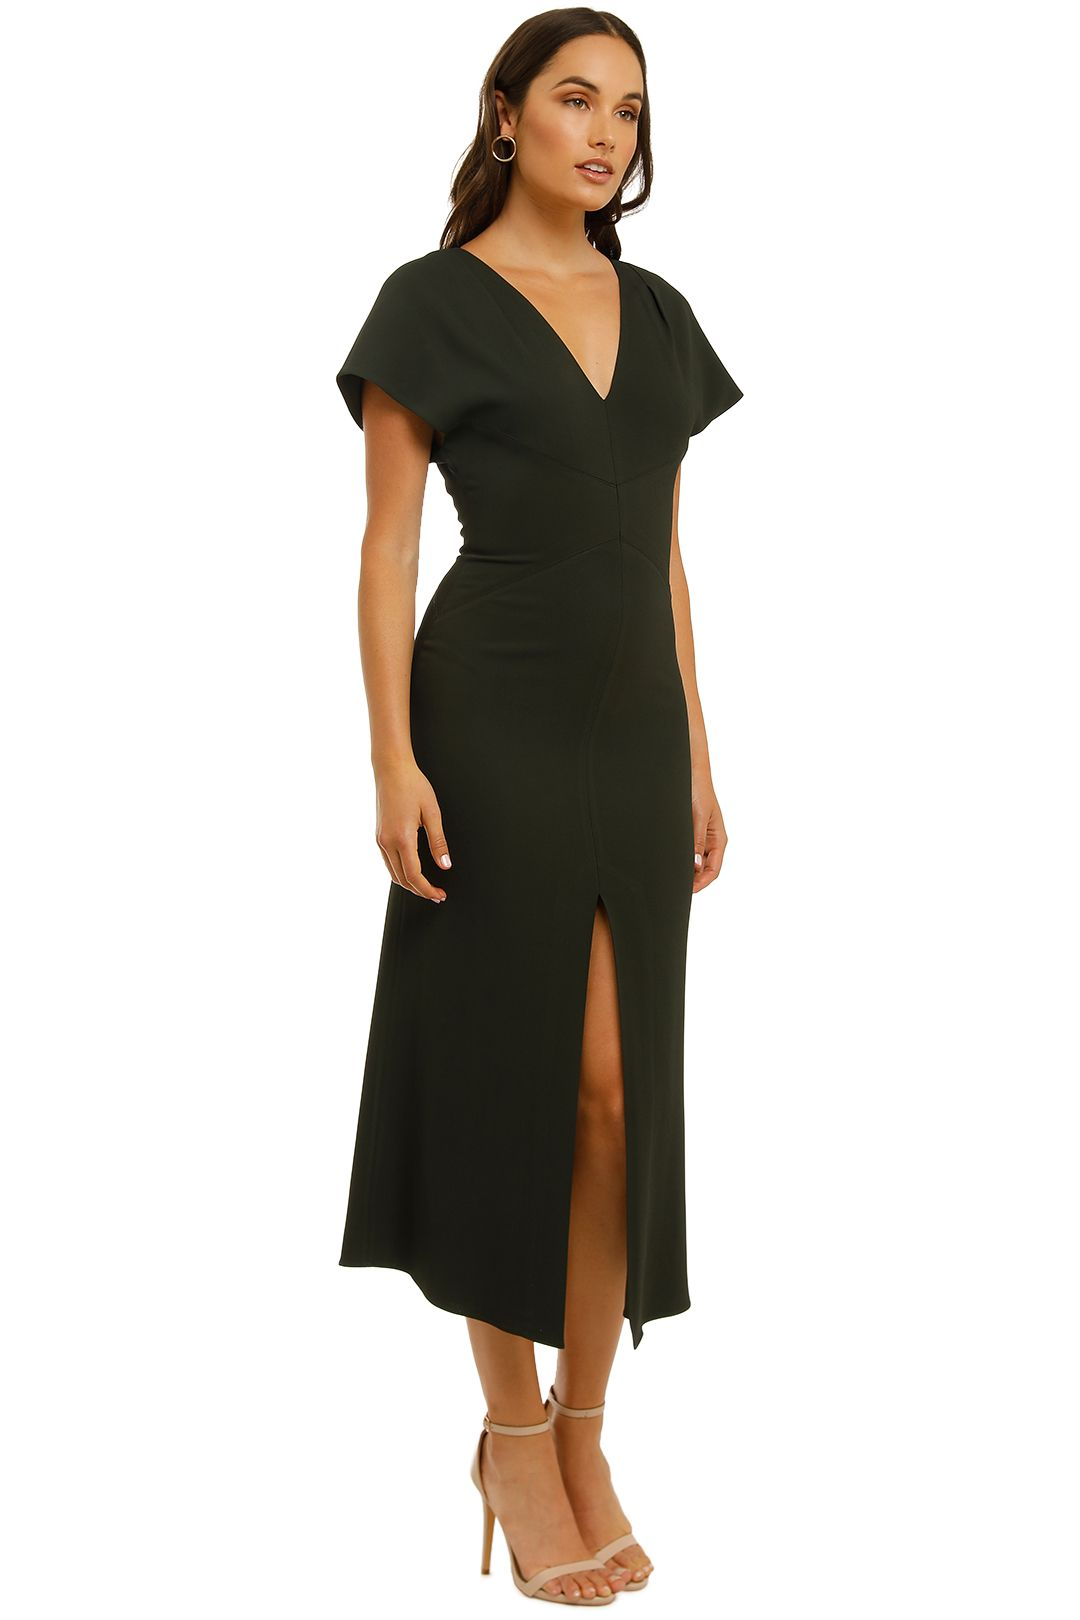 Ginger-and-Smart-Amplitude-V-Neck-Dress-Dark Kelp-Side